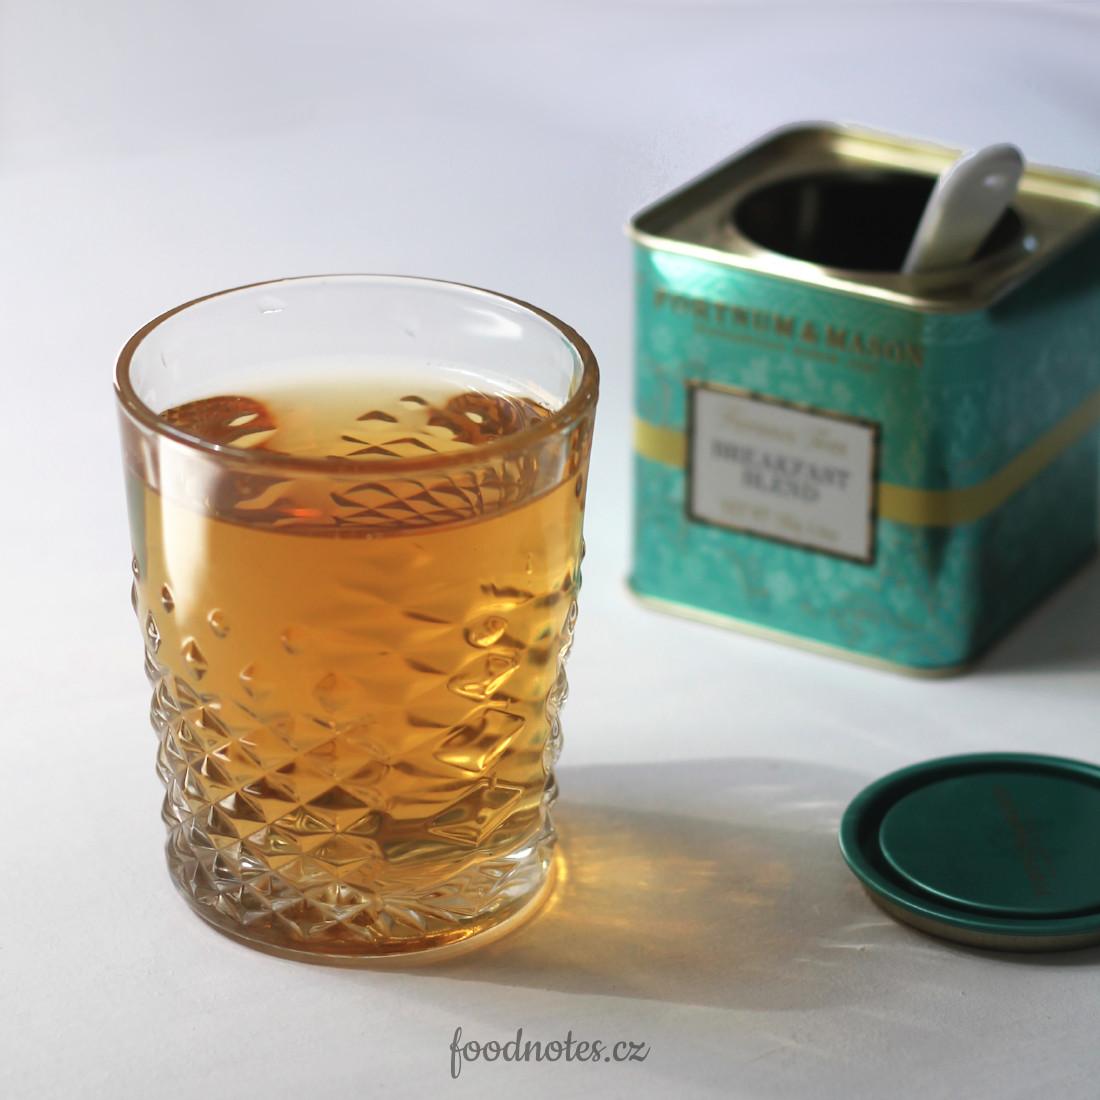 Recept na ledový černý čaj typu cold brew